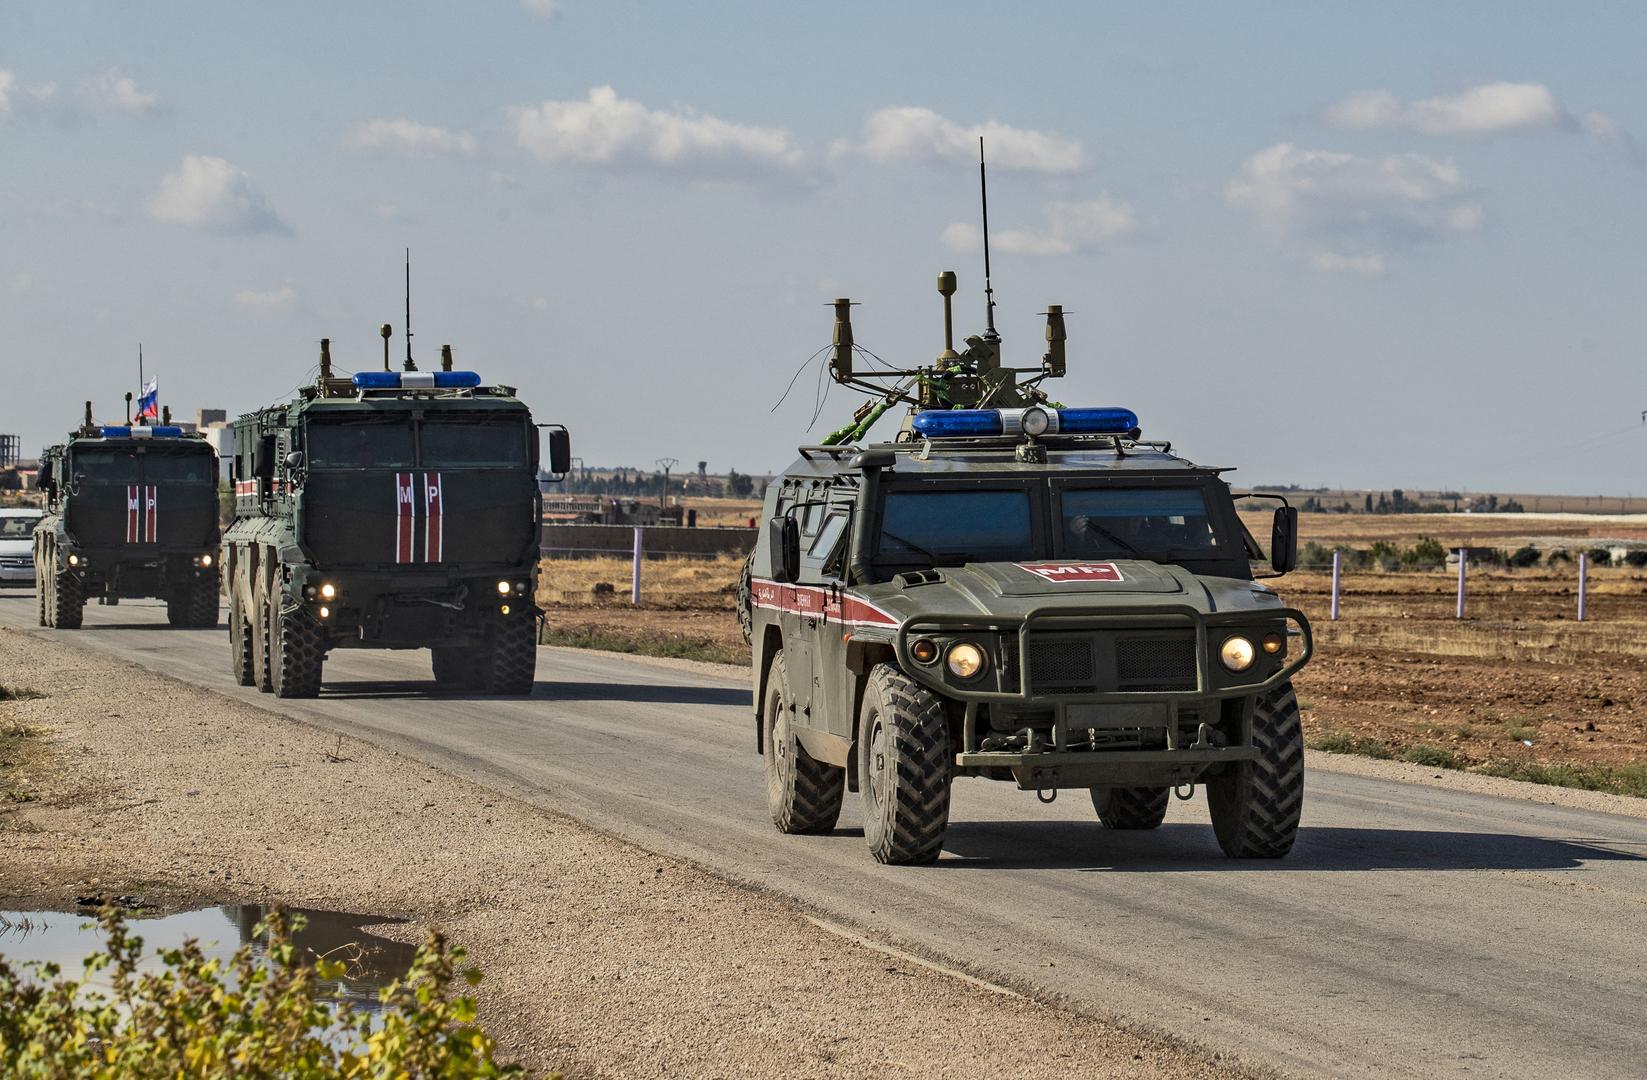 مجددا بوساطة روسية.. إعلان وقف إطلاق النار في القامشلي بسوريا حتى صباح السبت